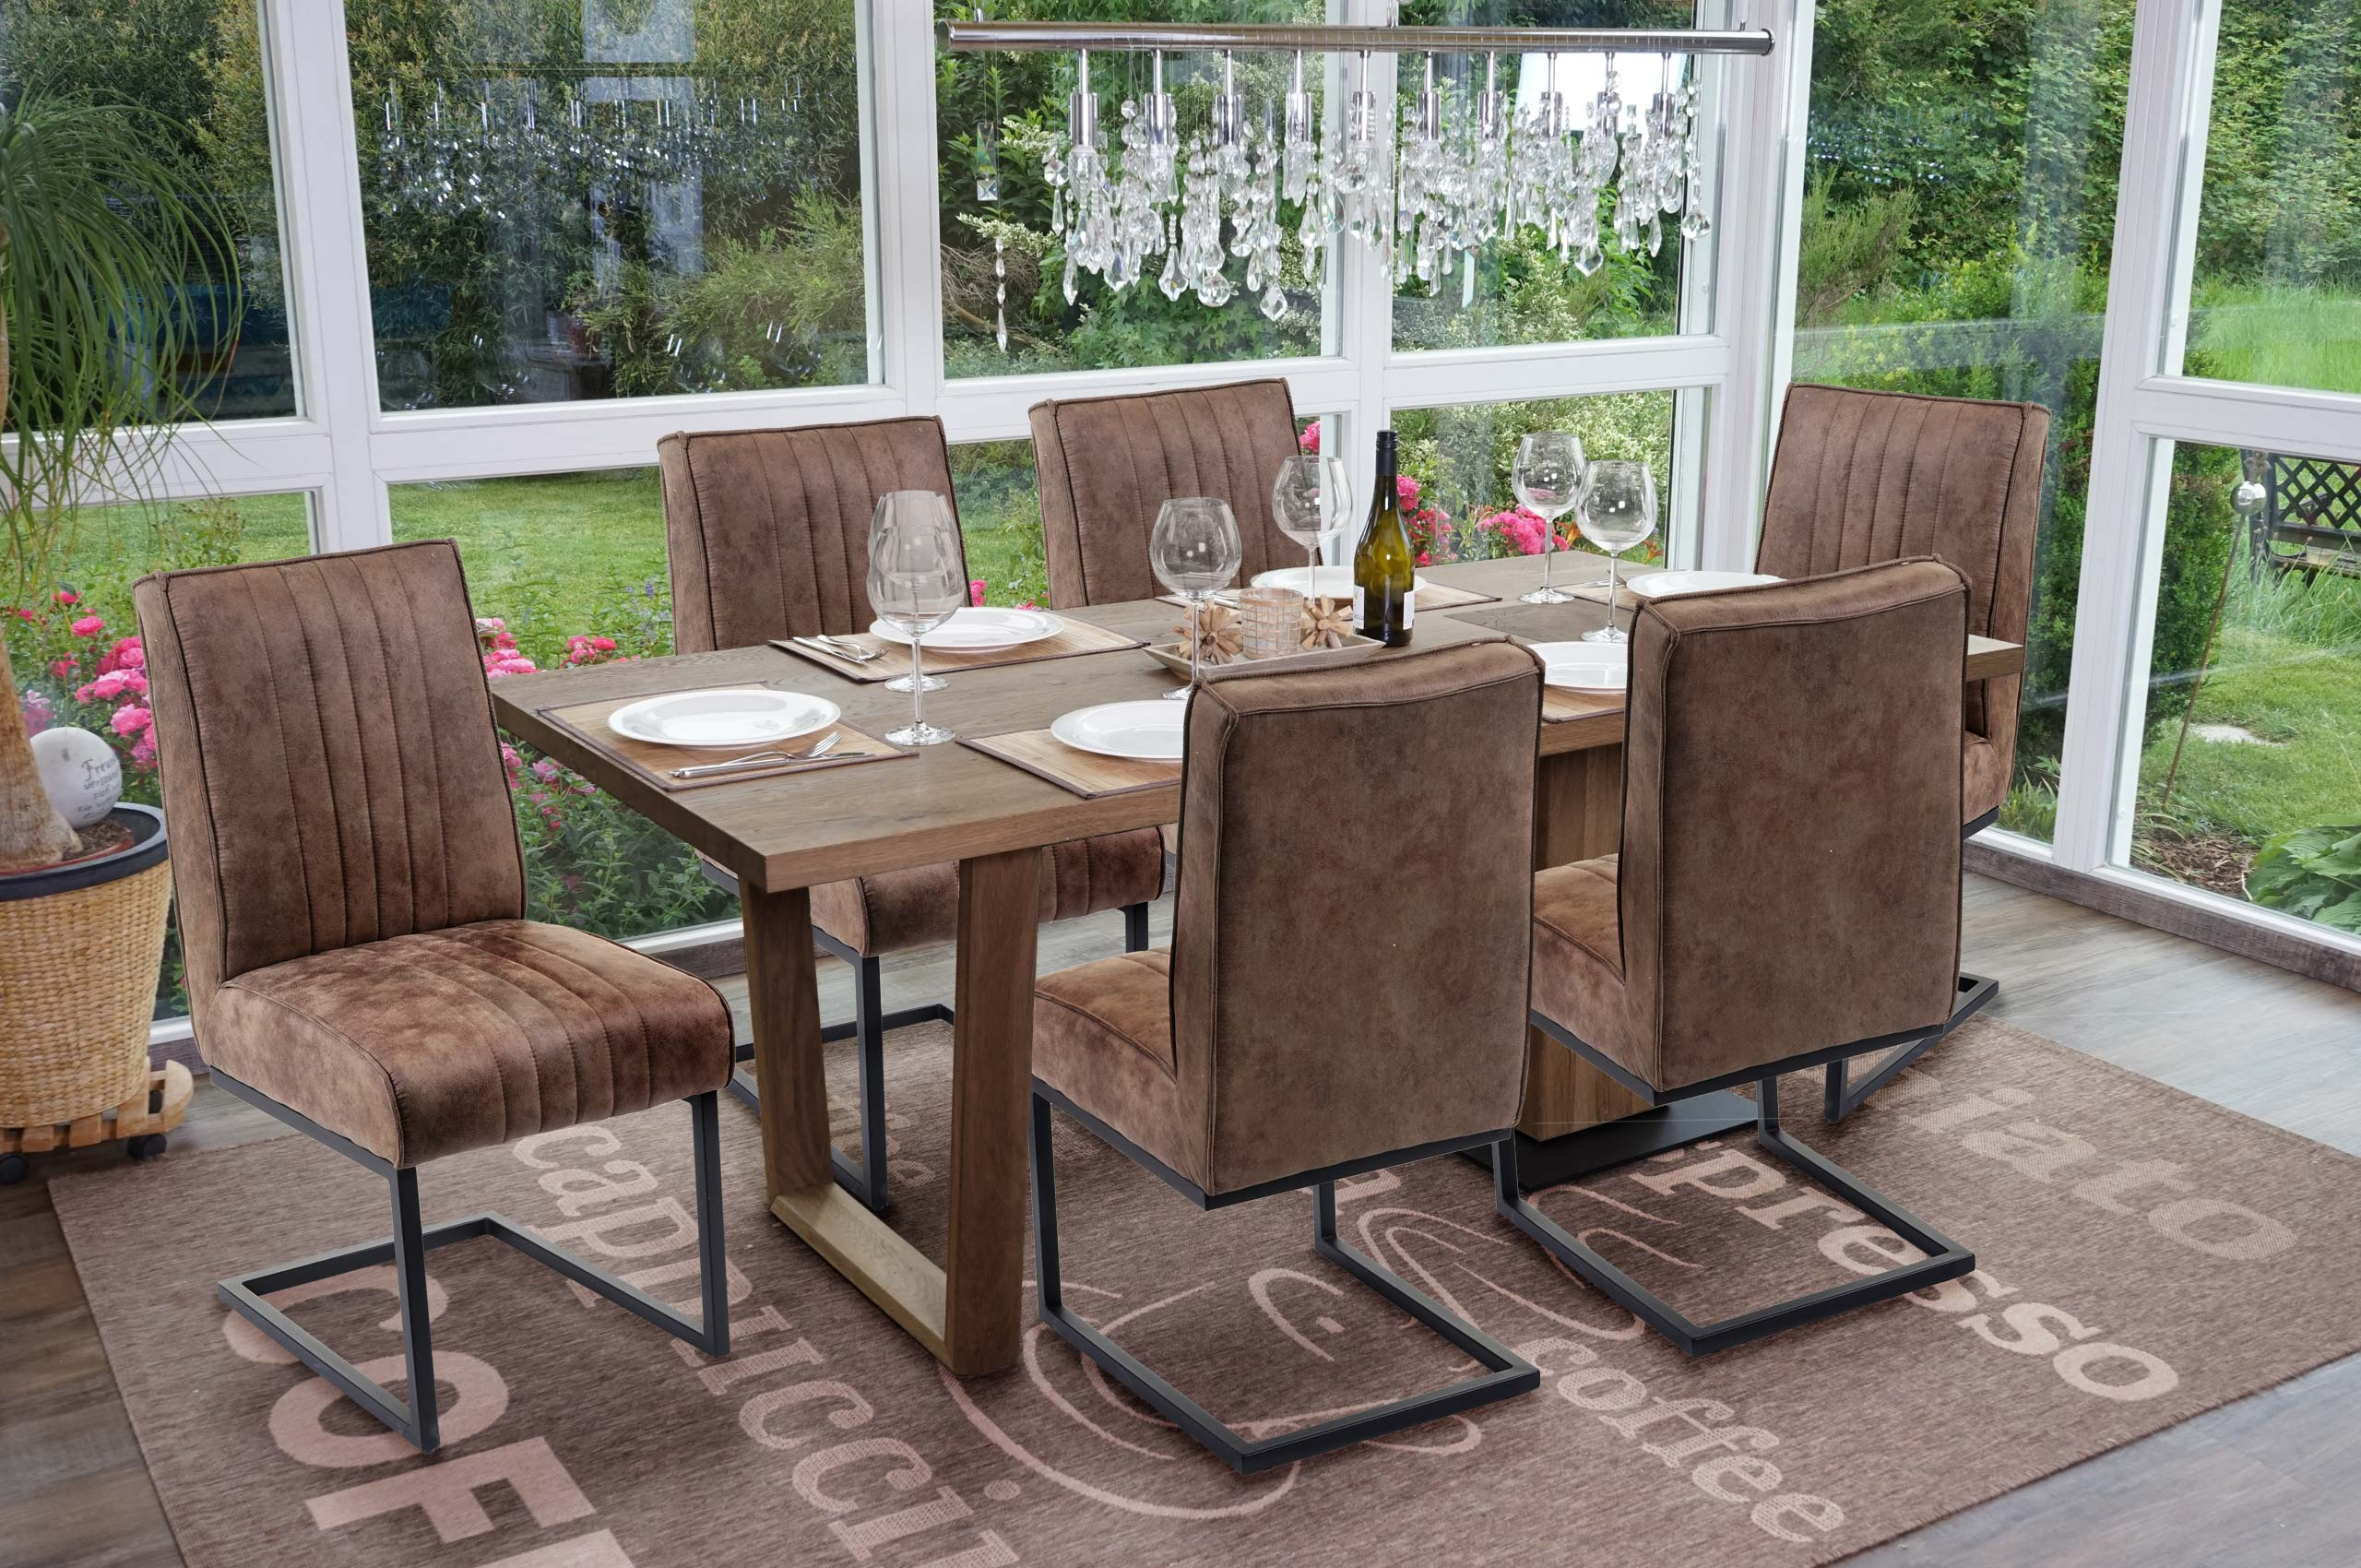 6x Esszimmerstuhl Hwc G57 Kuchenstuhl Freischwinger Stuhl Federkern Stoff Textil Wildleder Optik Vintage Braun